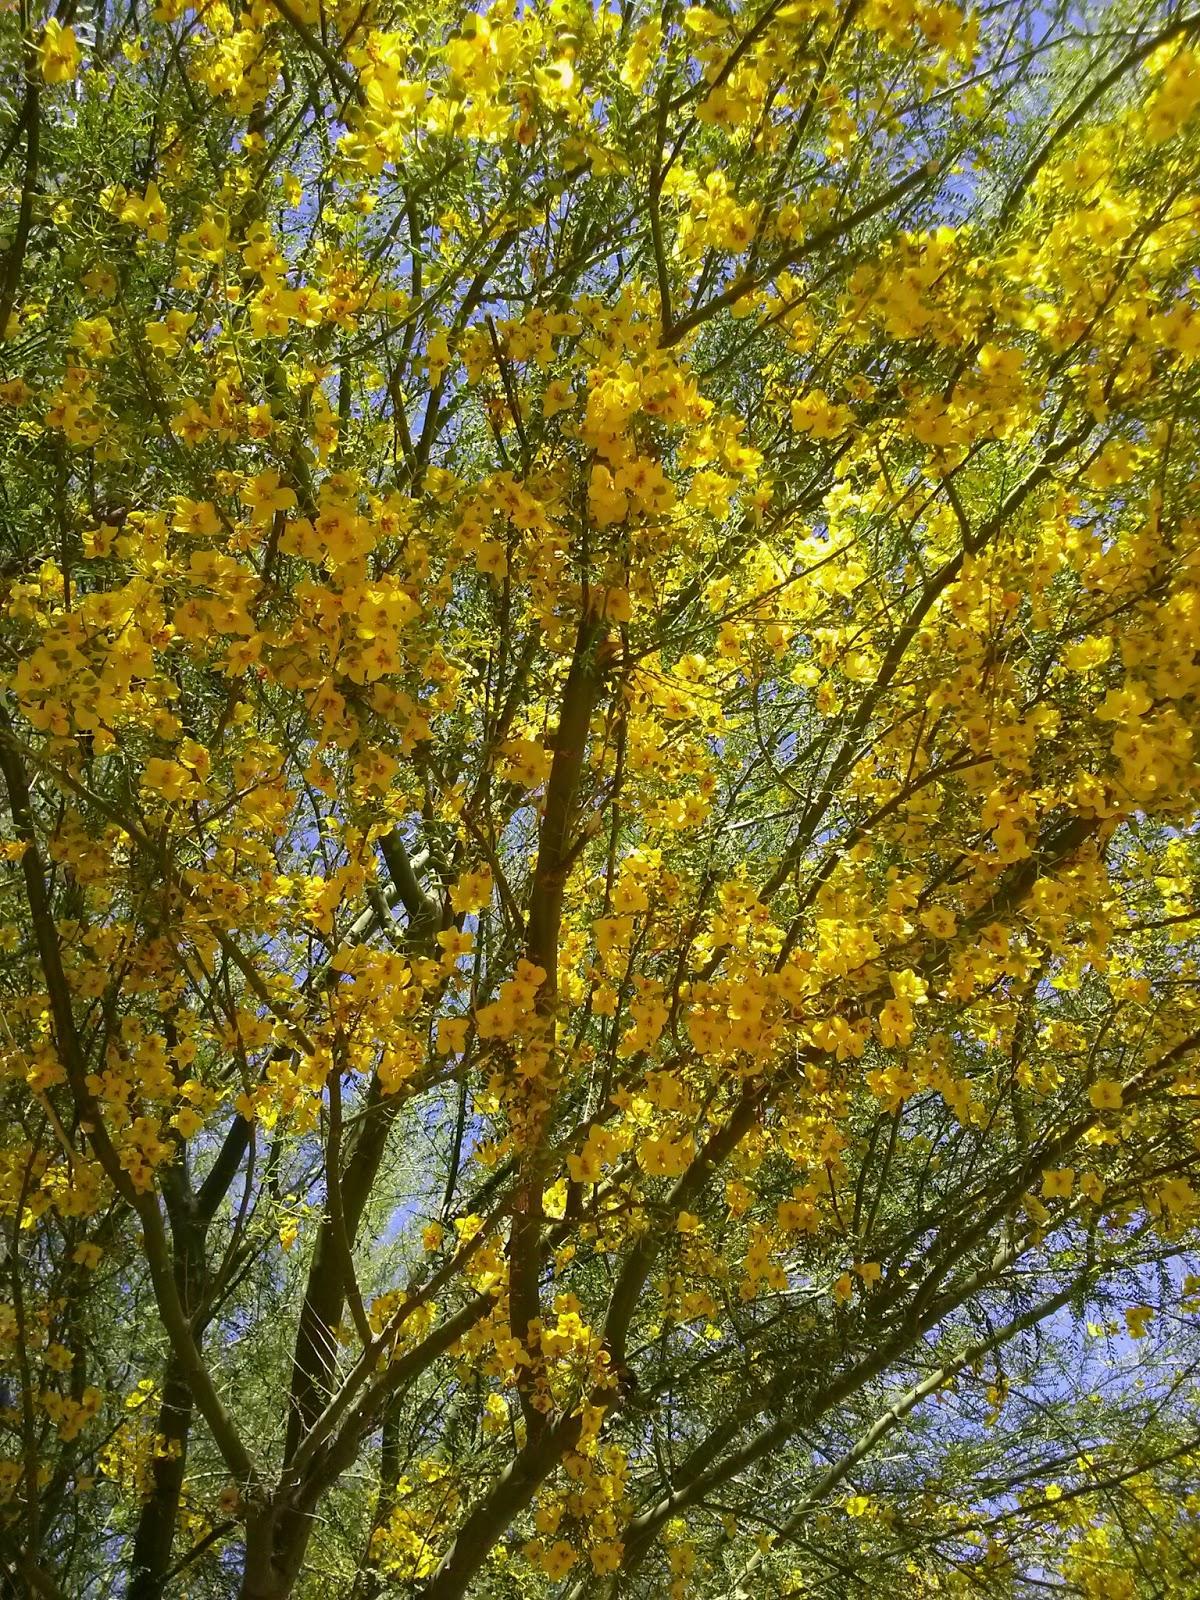 A Small Sunny Garden A Short Look At Palo Verde